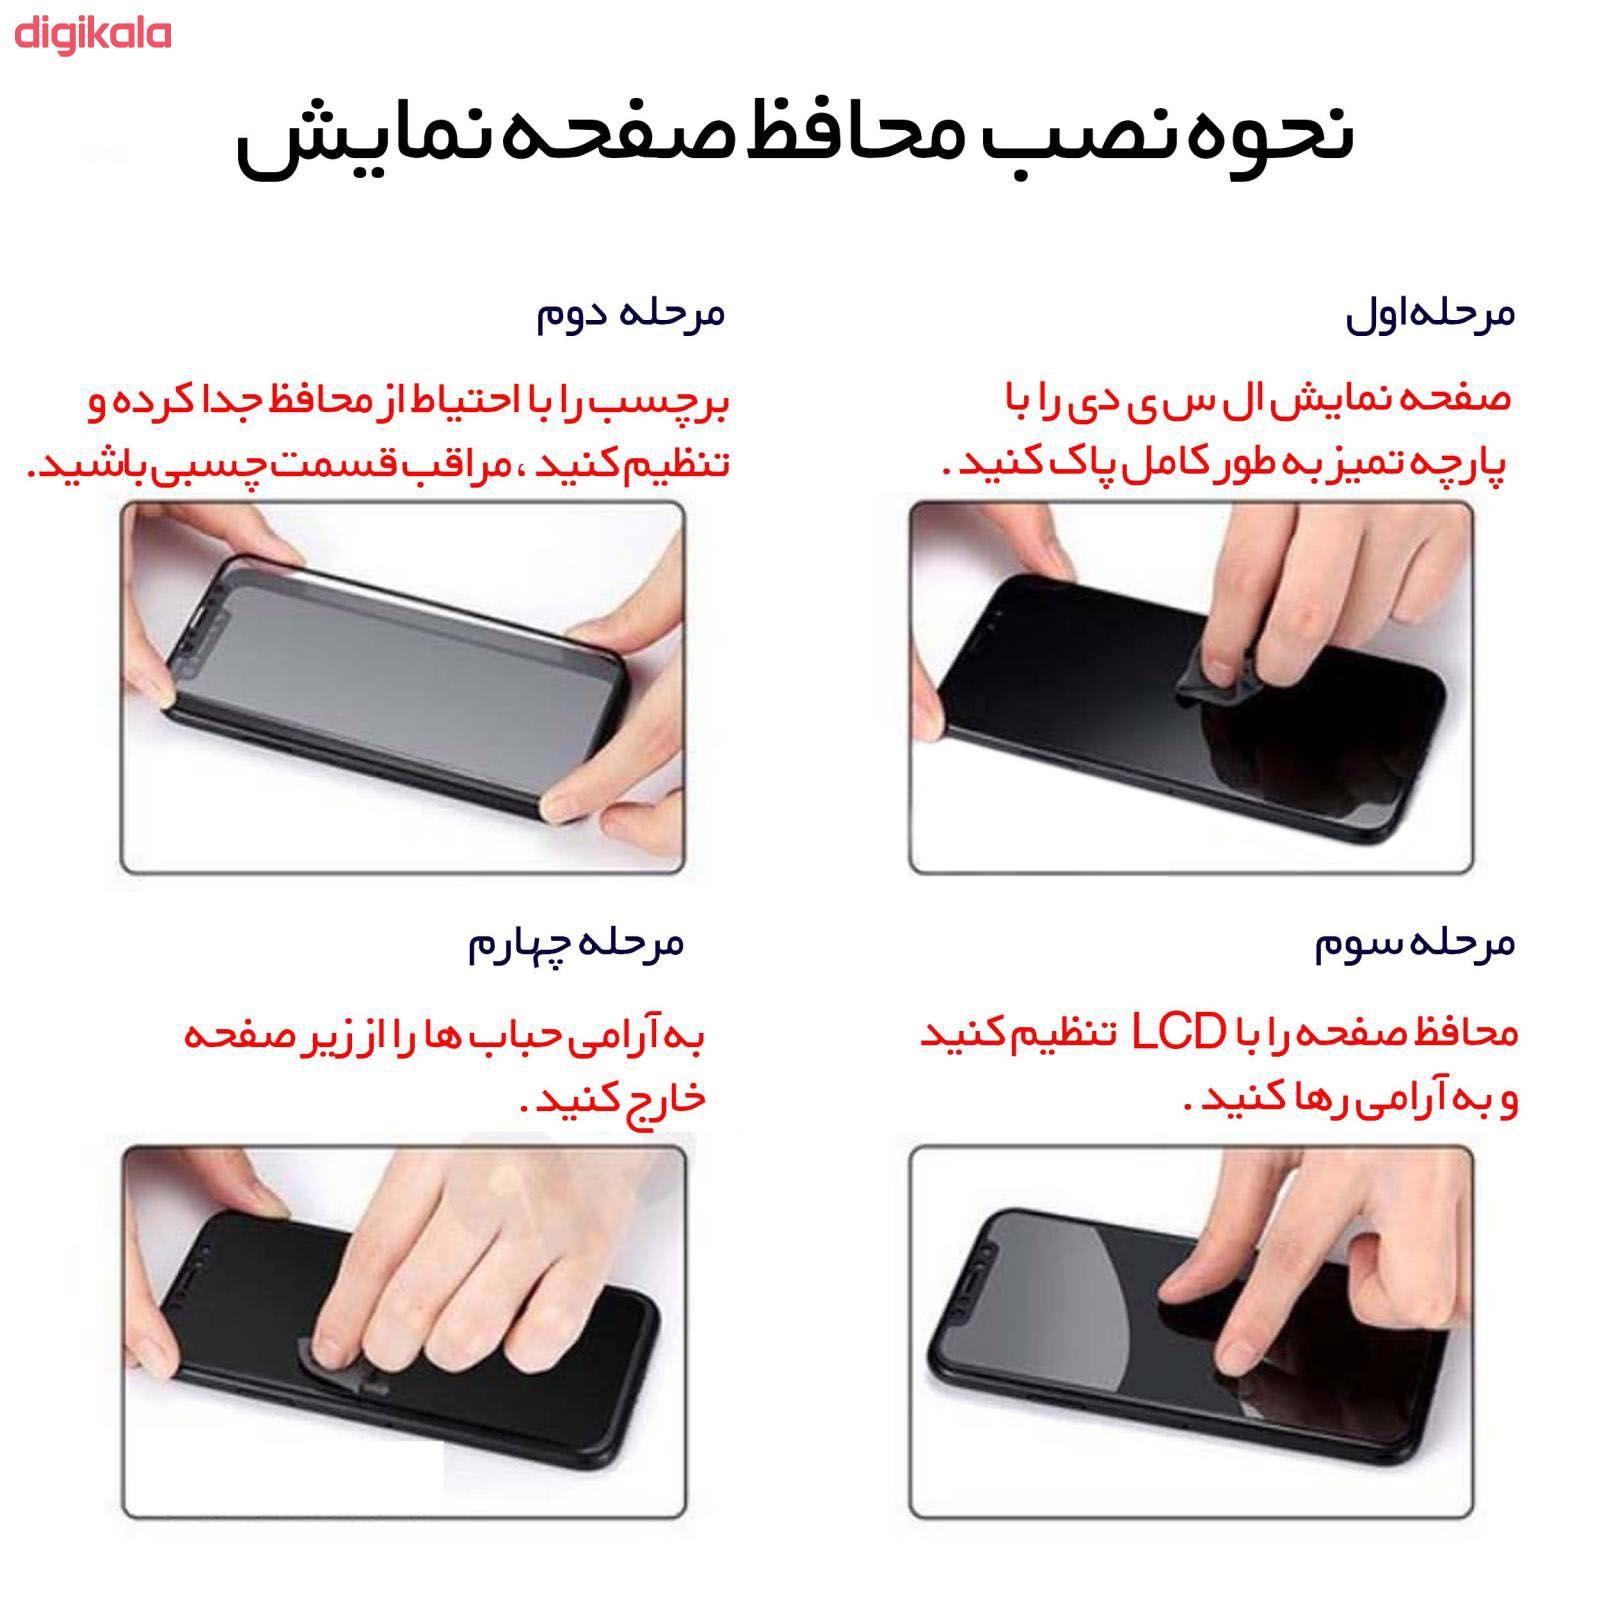 محافظ صفحه نمایش سرامیکی کوالا مدل CER-CL مناسب برای گوشی موبایل سامسونگ Galaxy A11 / M11 main 1 5